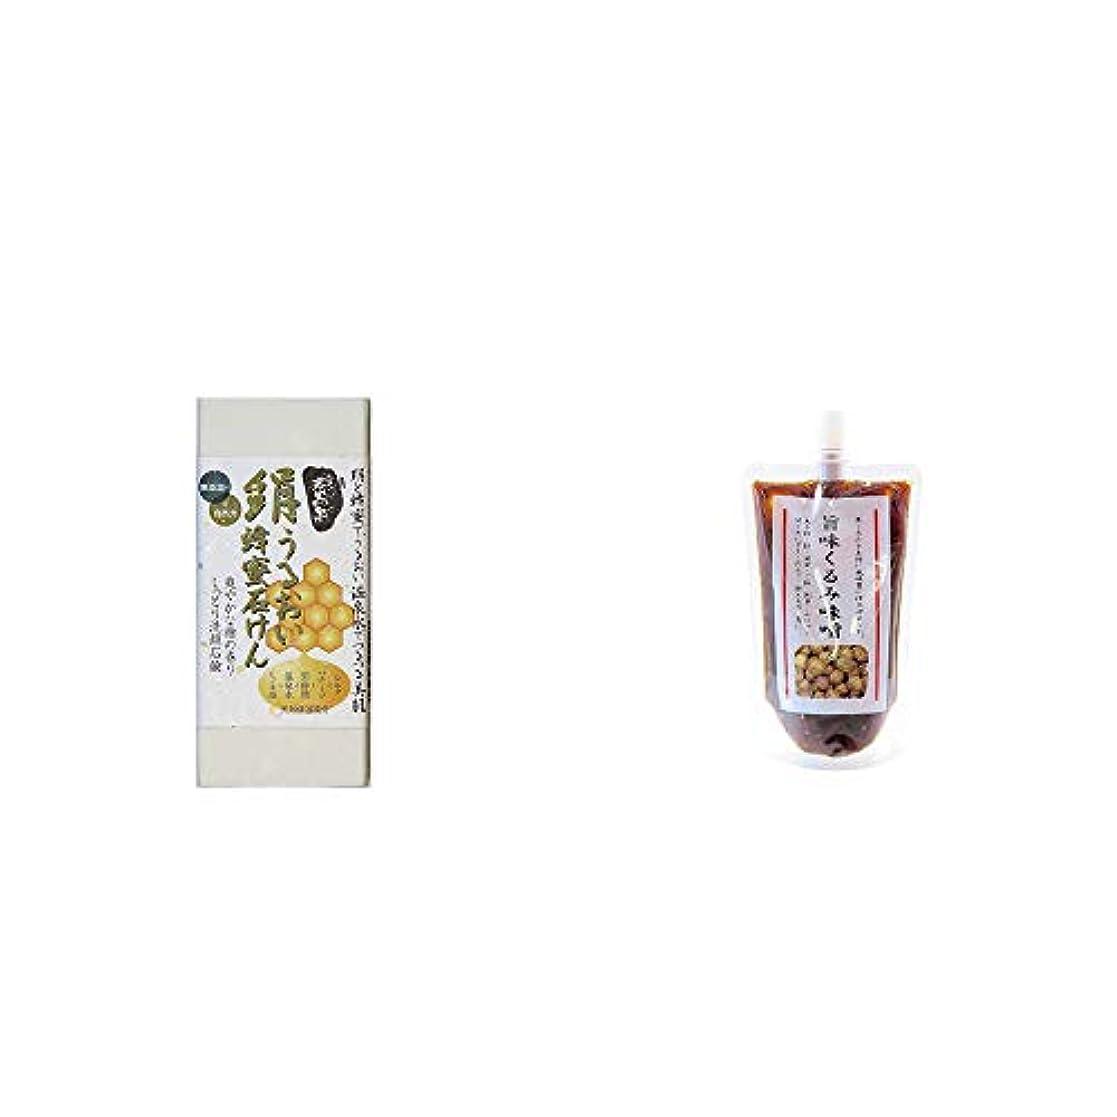 行き当たりばったり珍しい突進[2点セット] ひのき炭黒泉 絹うるおい蜂蜜石けん(75g×2)?旨味くるみ味噌(260g)